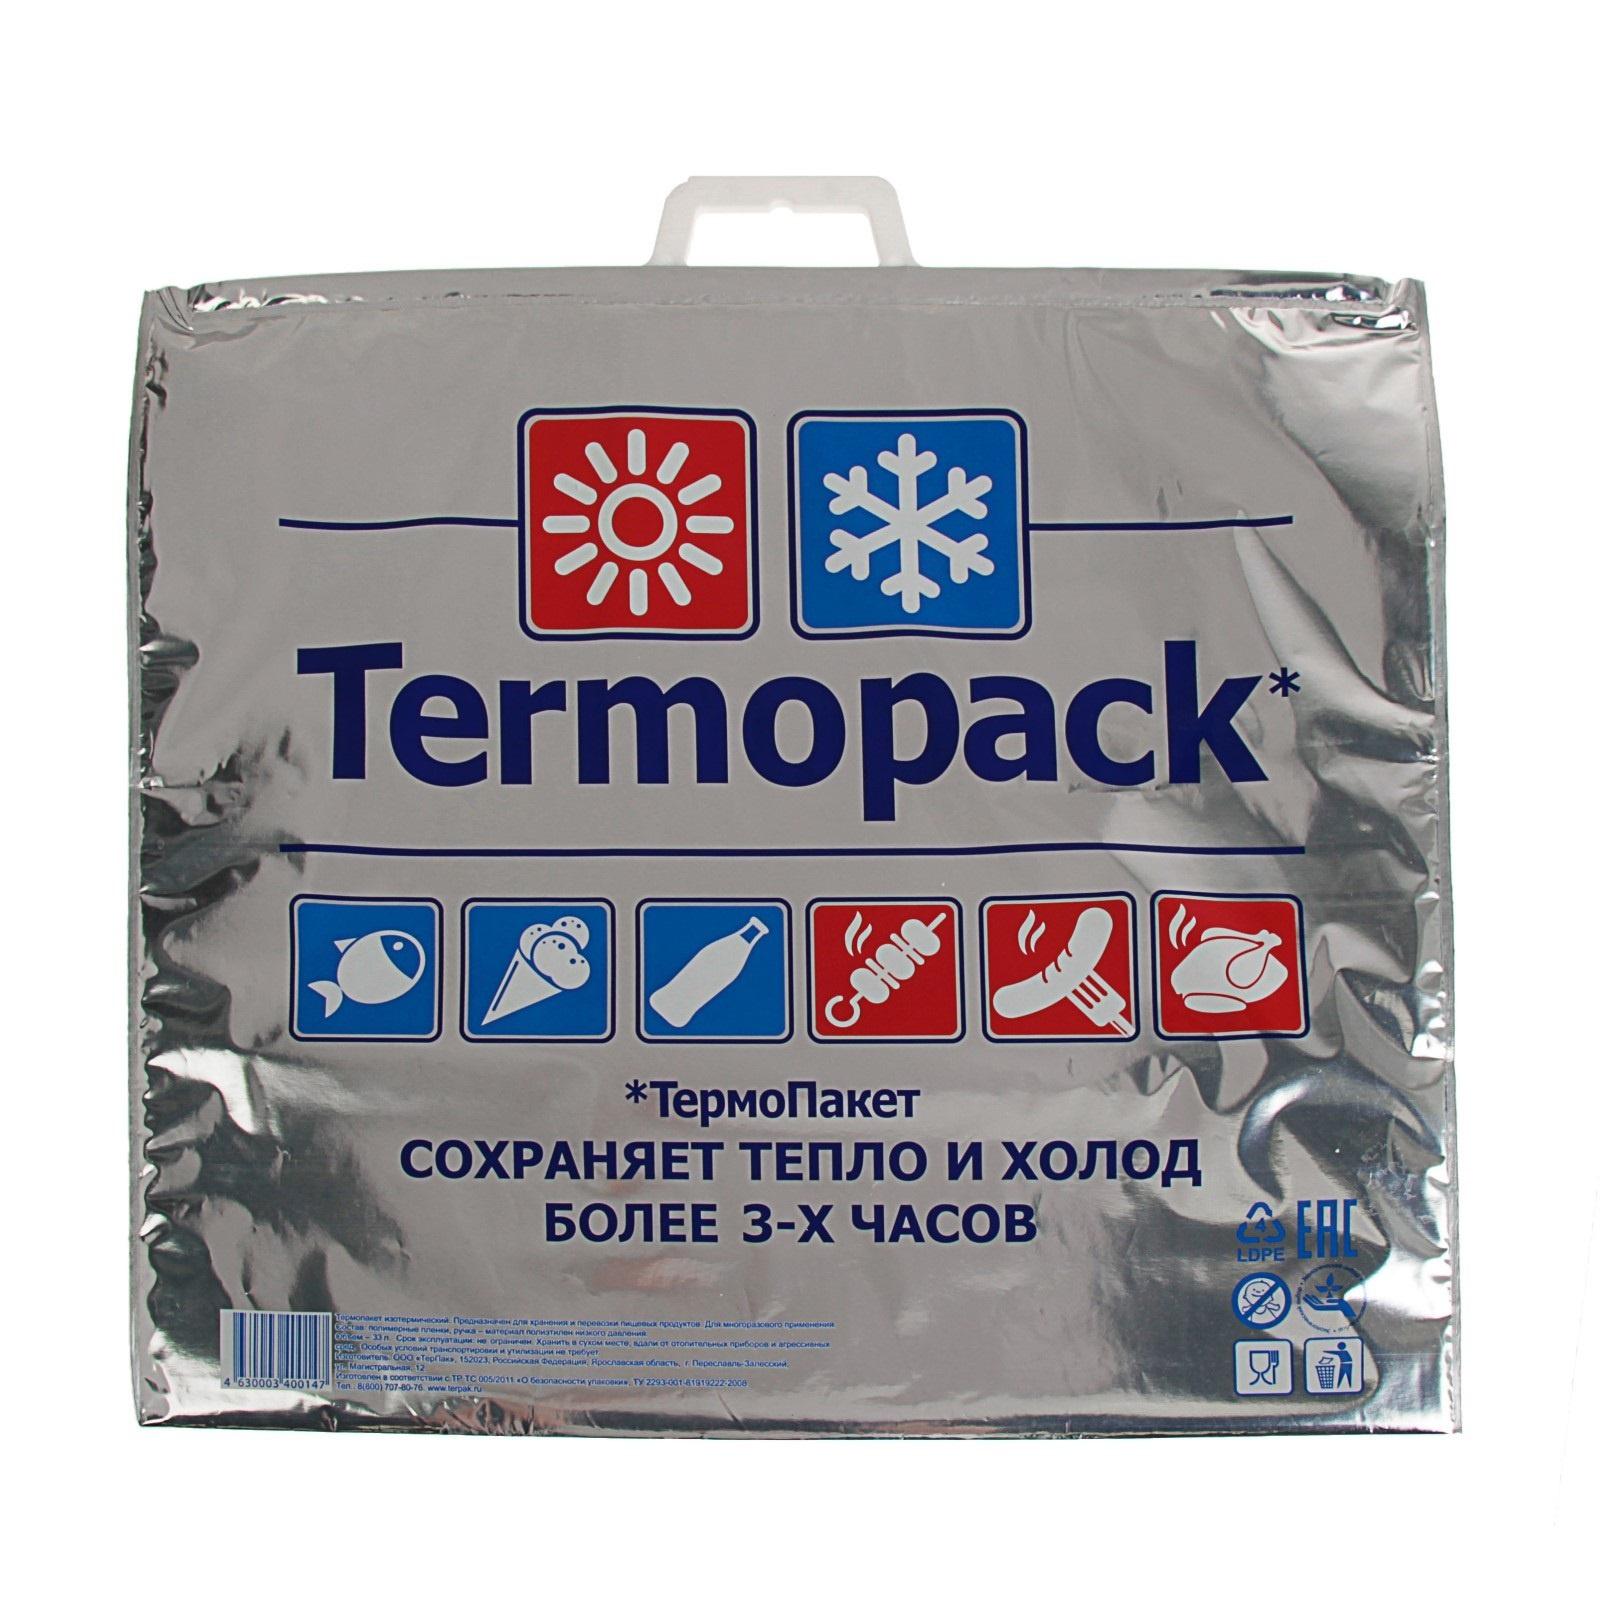 Термопакет стандарт, 420x450 мм 10 шт